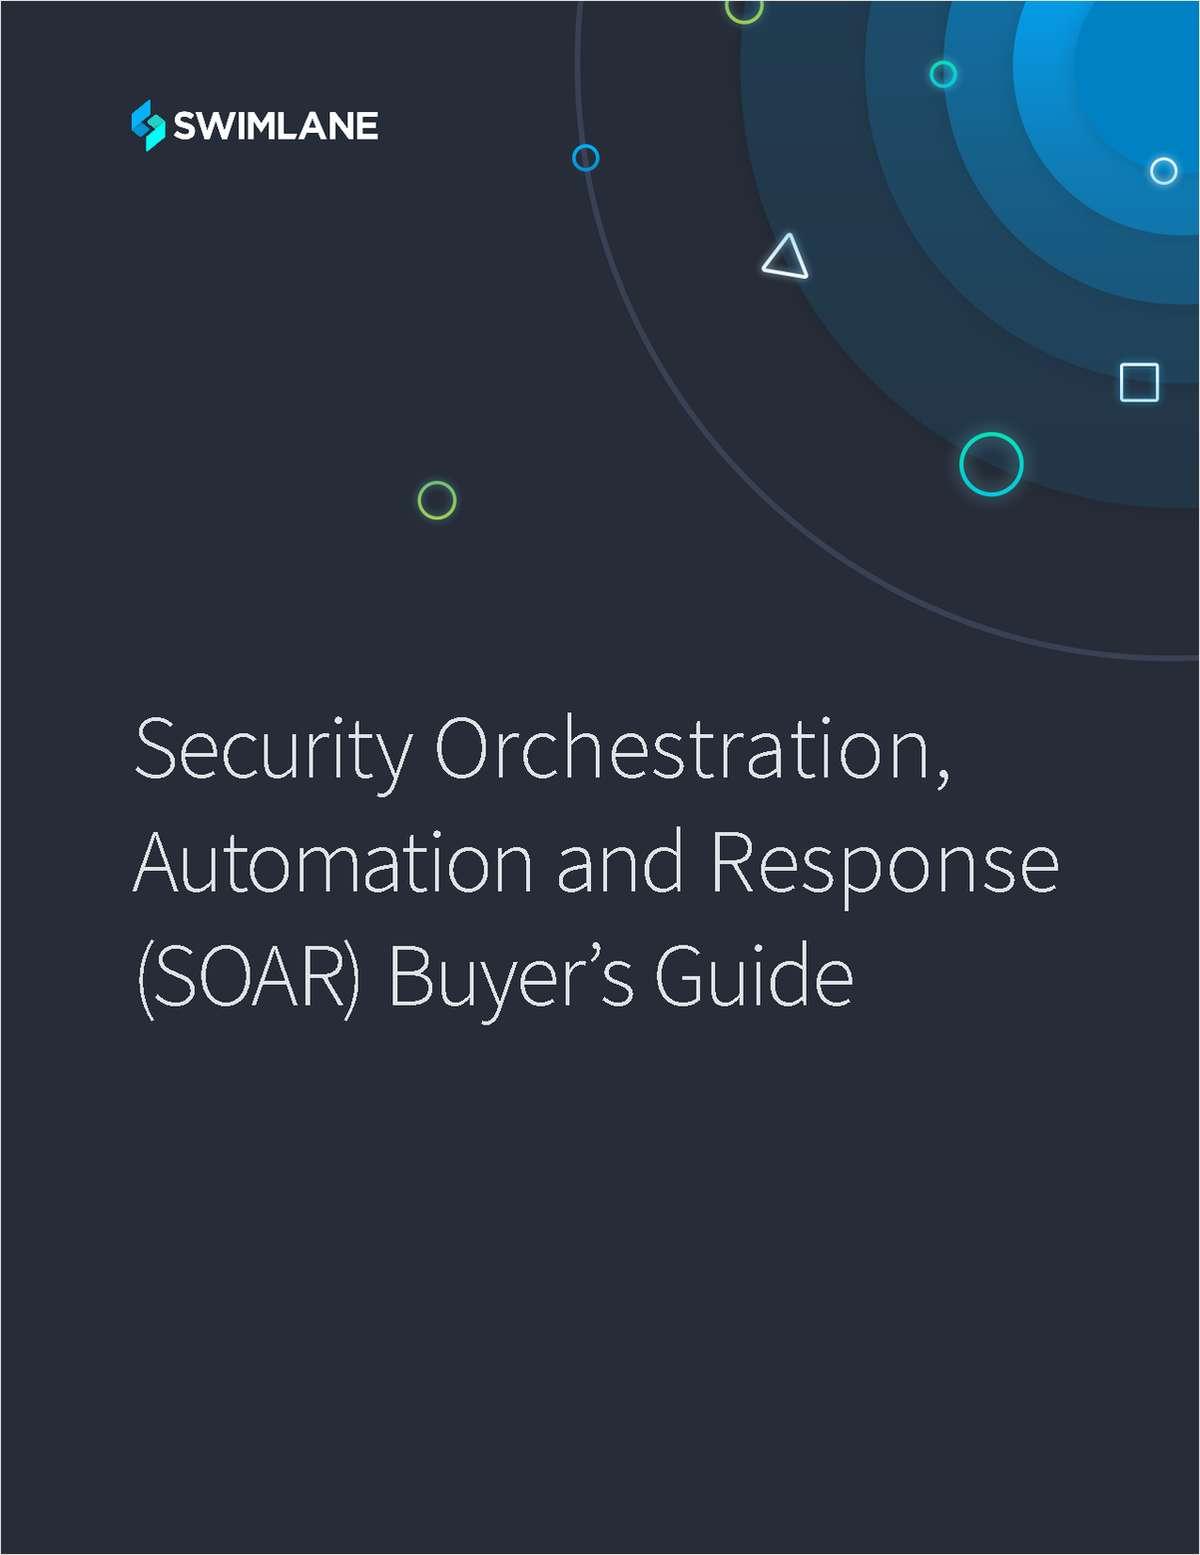 SOAR Buyer's Guide